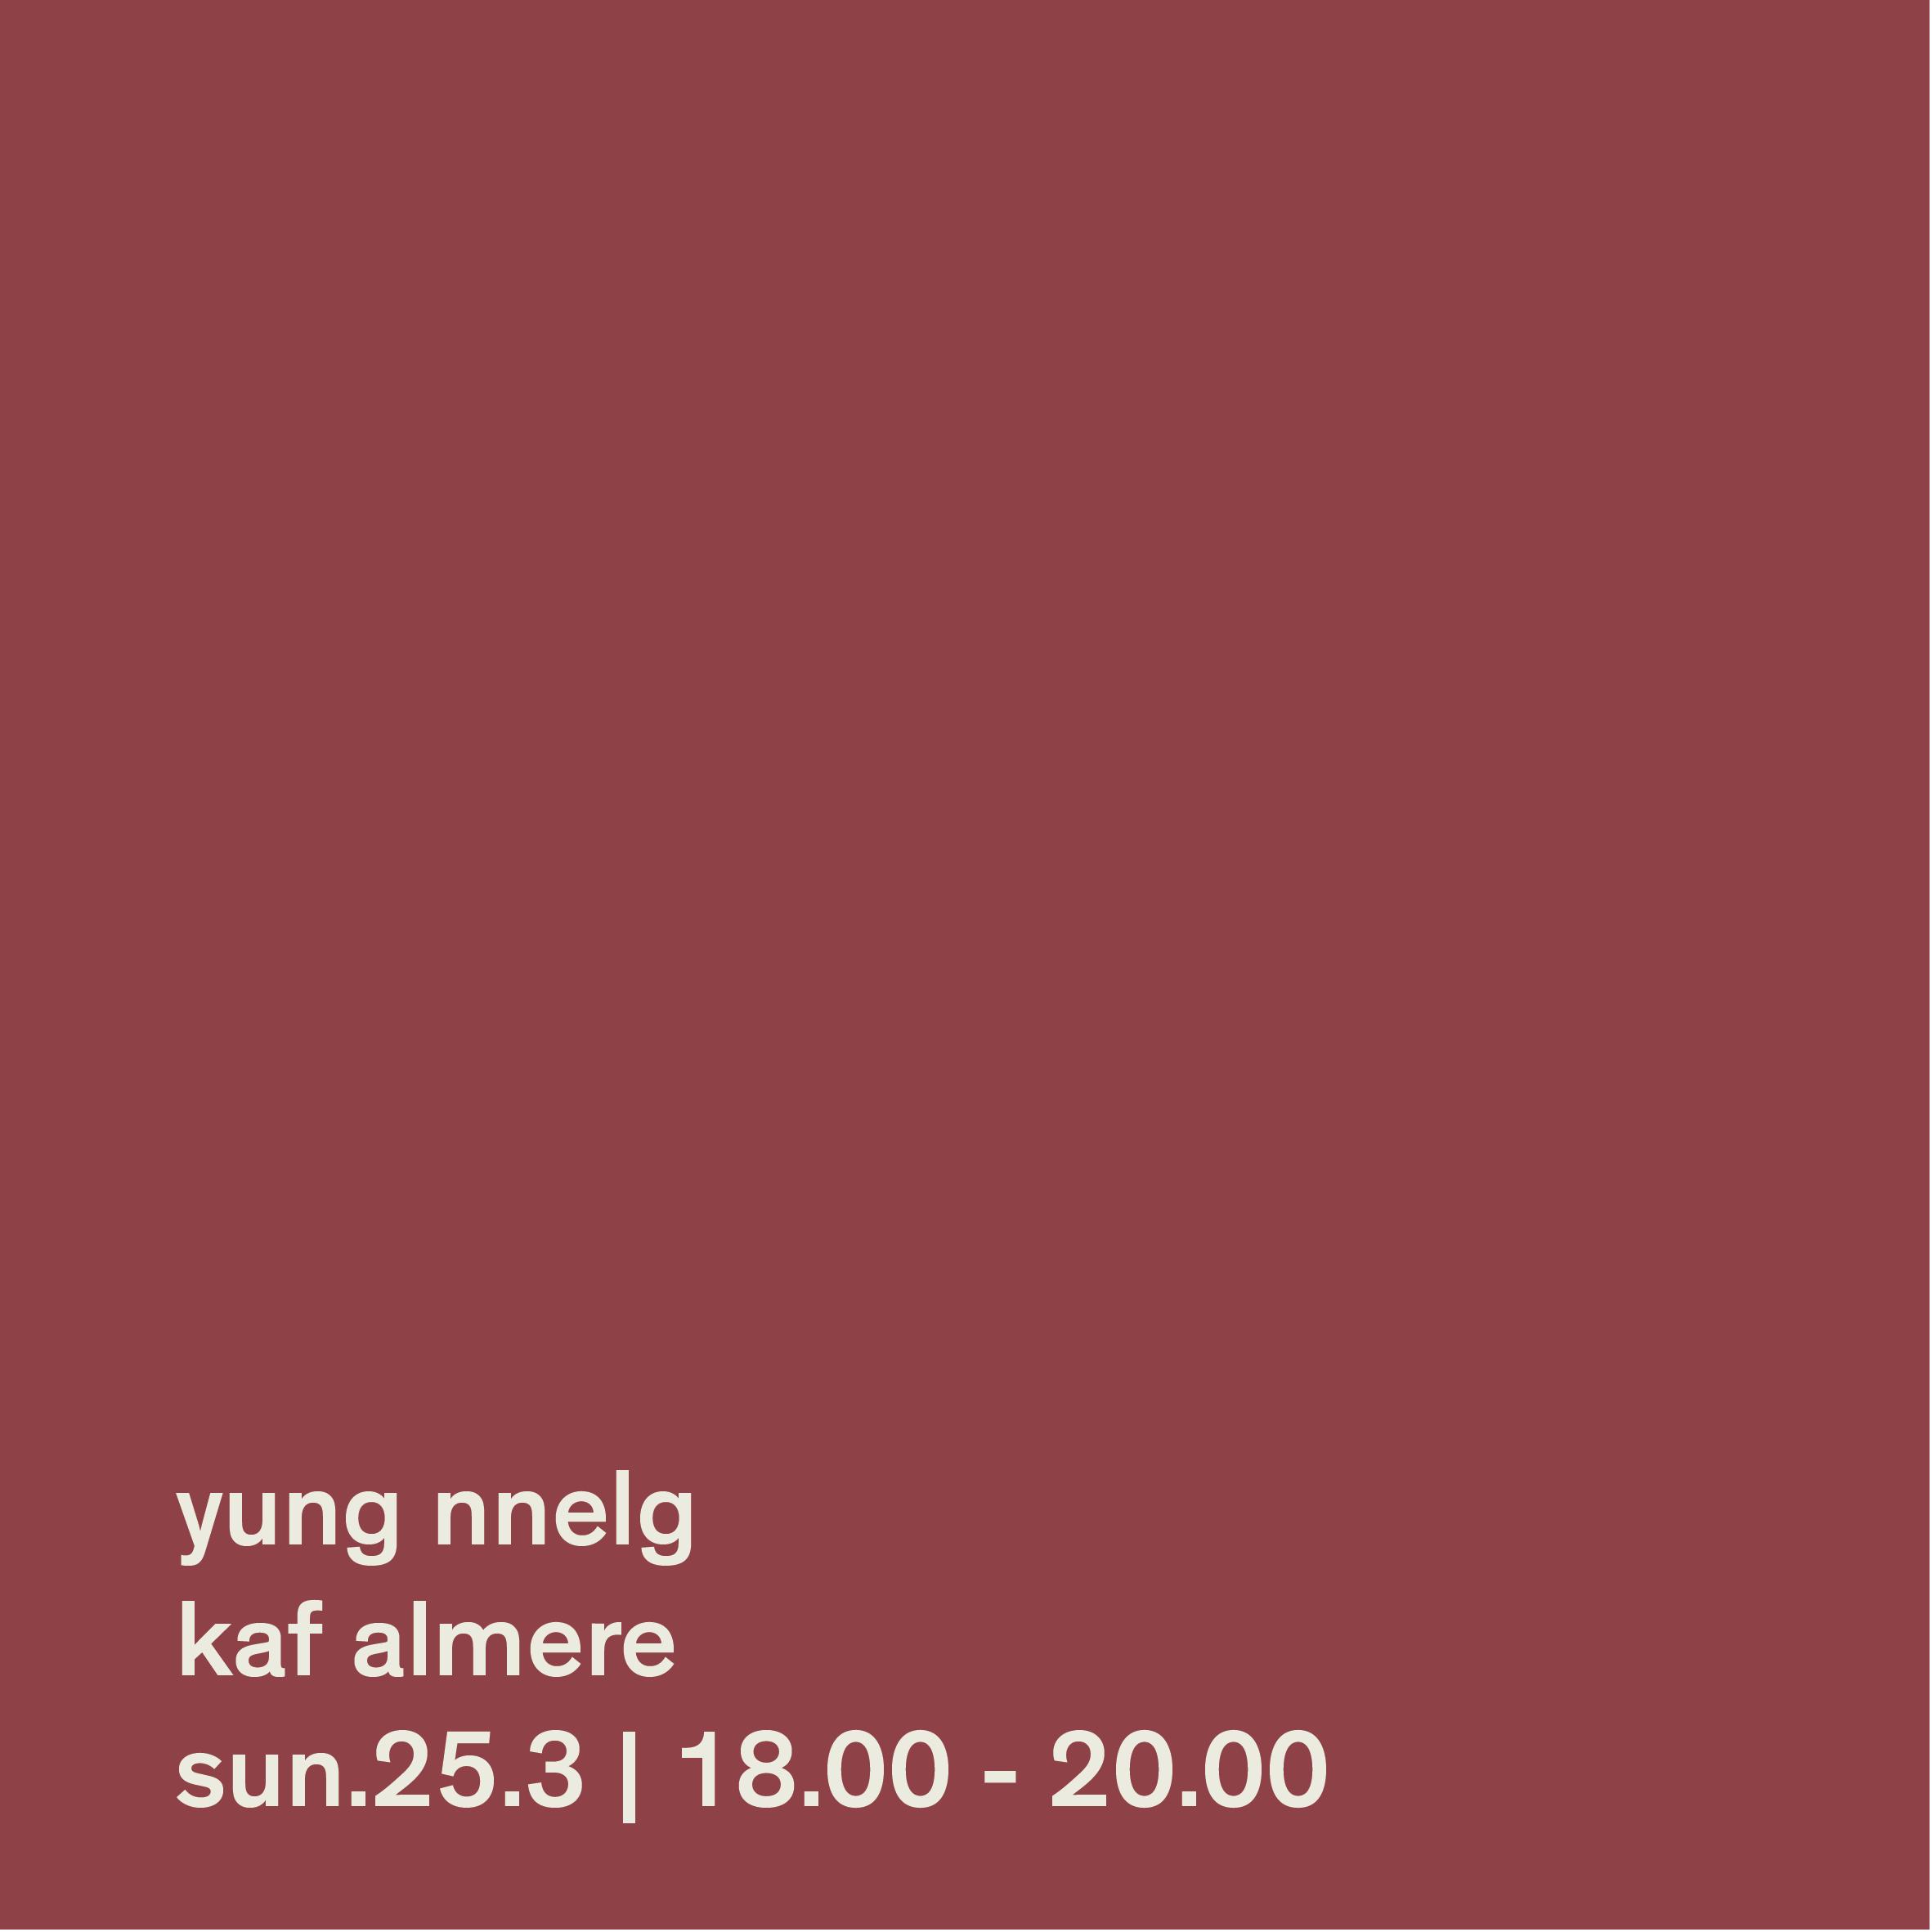 website-blocks_YUNG NNELG.png